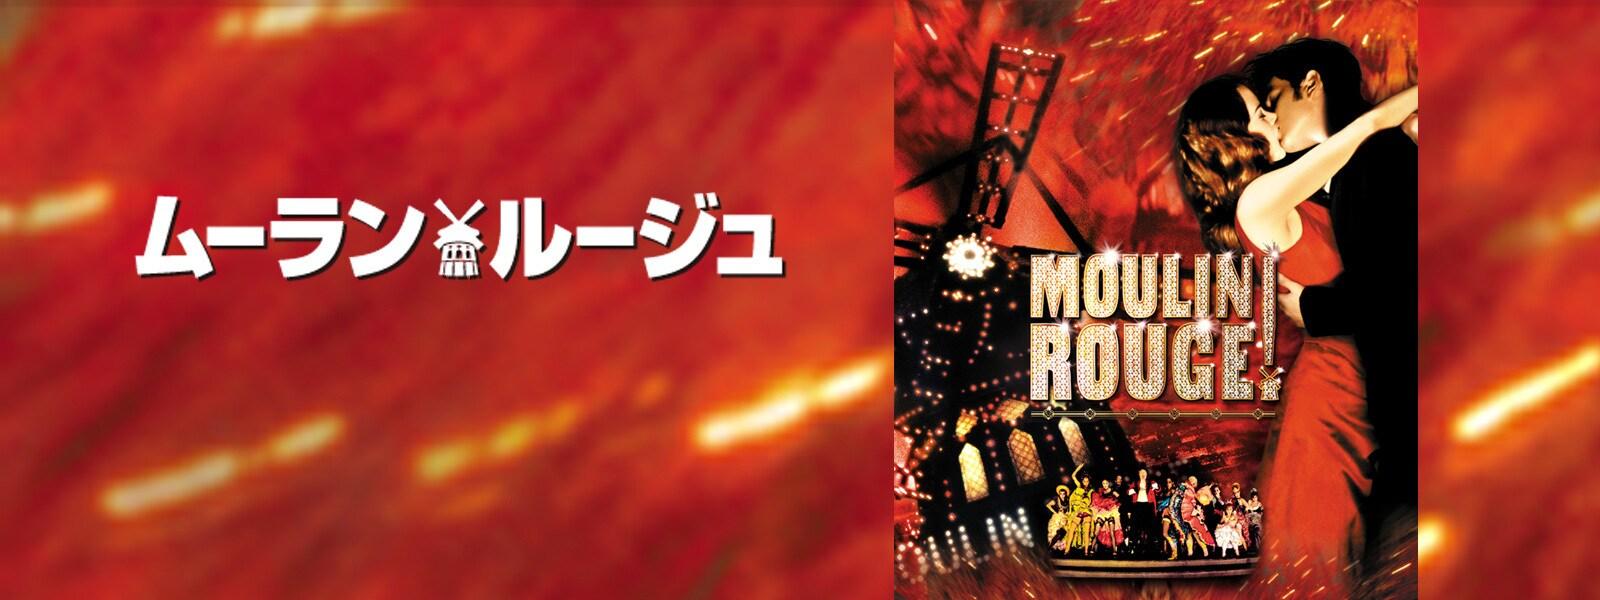 ムーラン・ルージュ Moulin Rouge! Hero